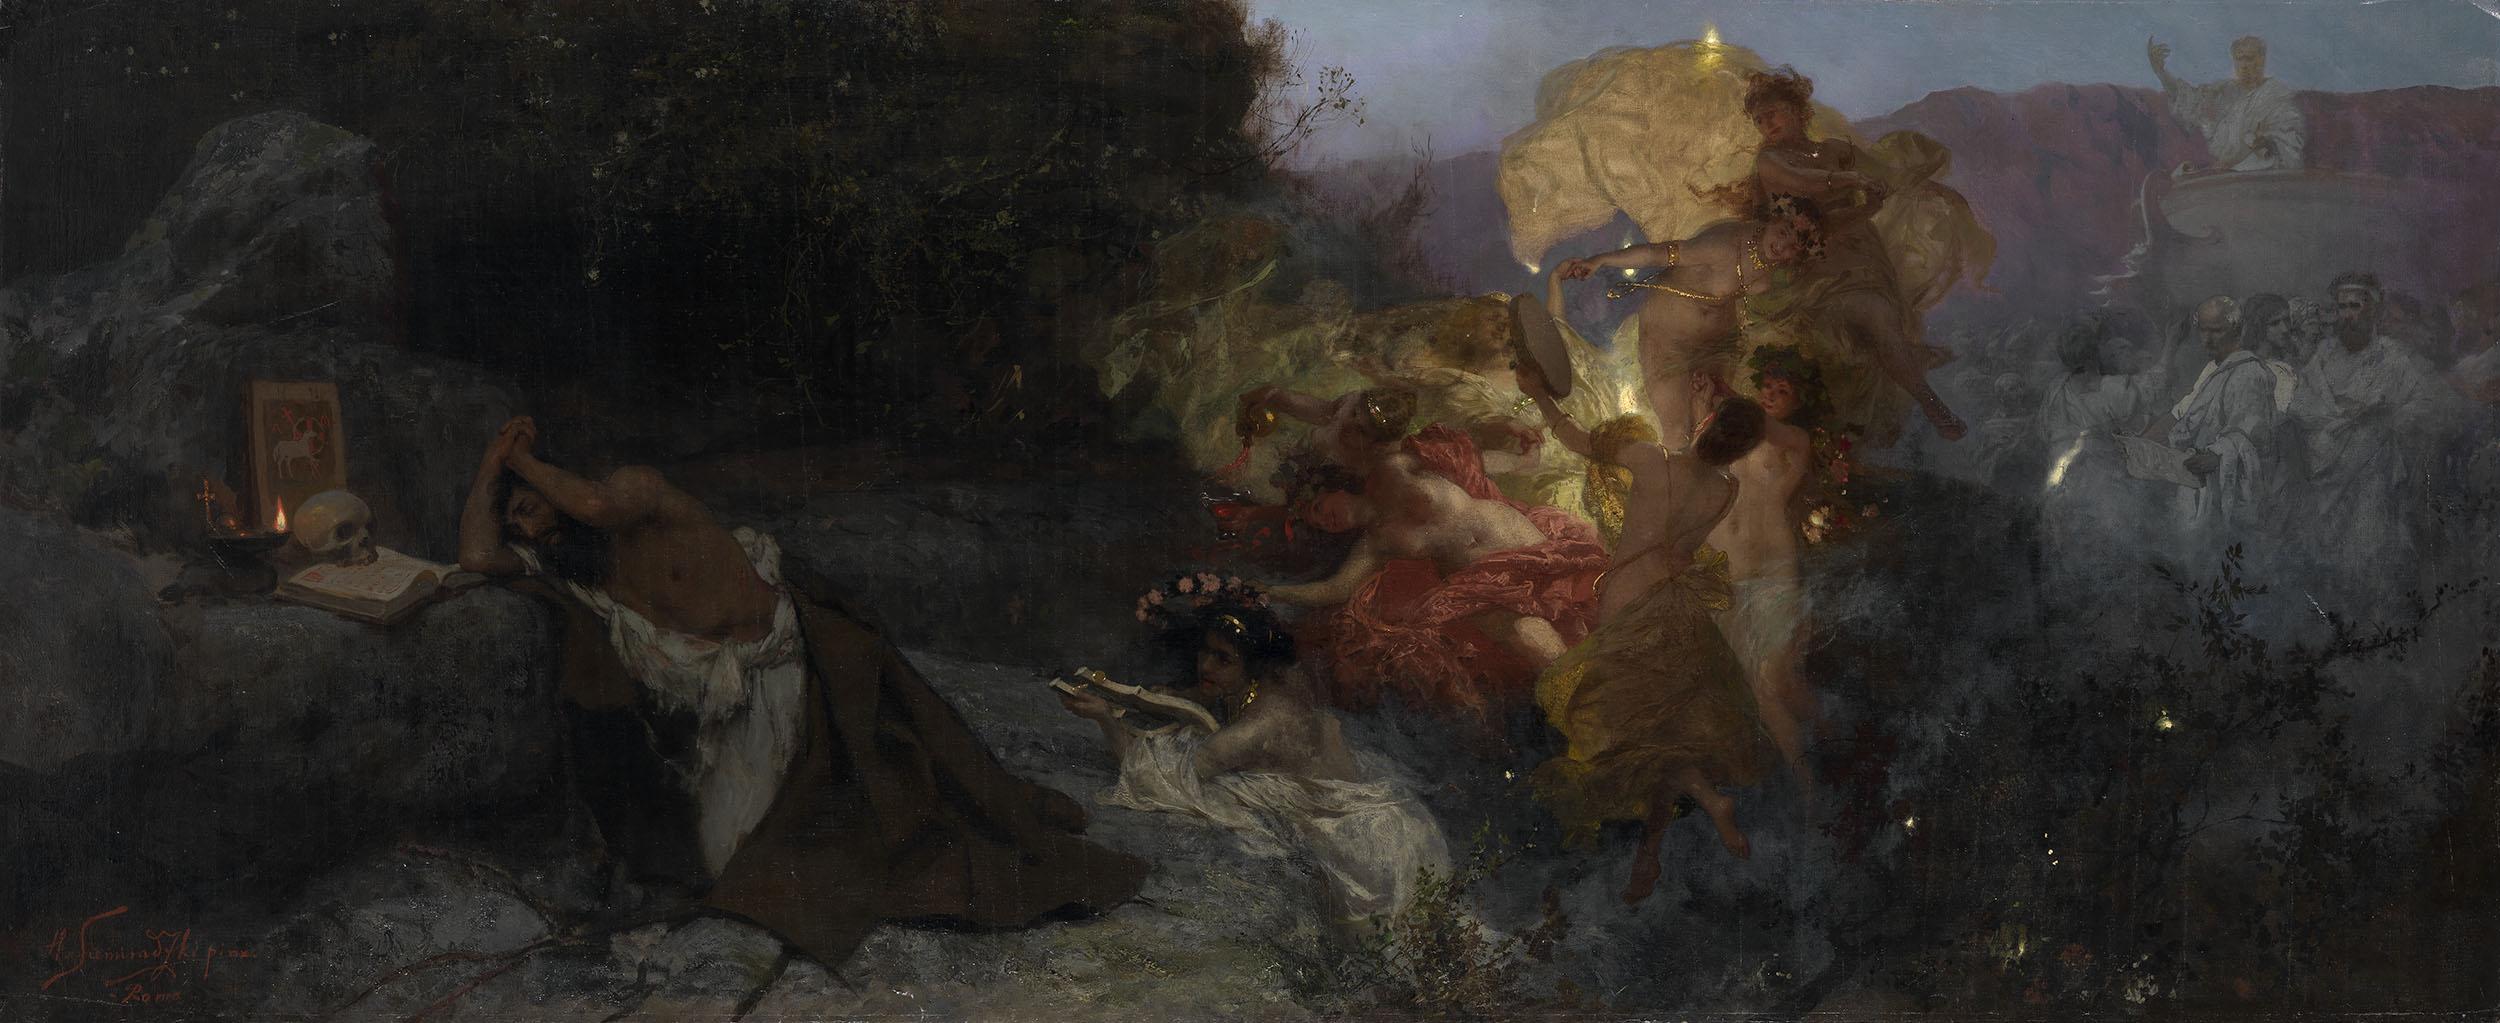 Henryk Siemiradzki (Polish/Ukrainian, 1843–1902), The Temptation of St. Jerome, ca. 1886, oil on canvas, 74.5 x 179.5 cm.